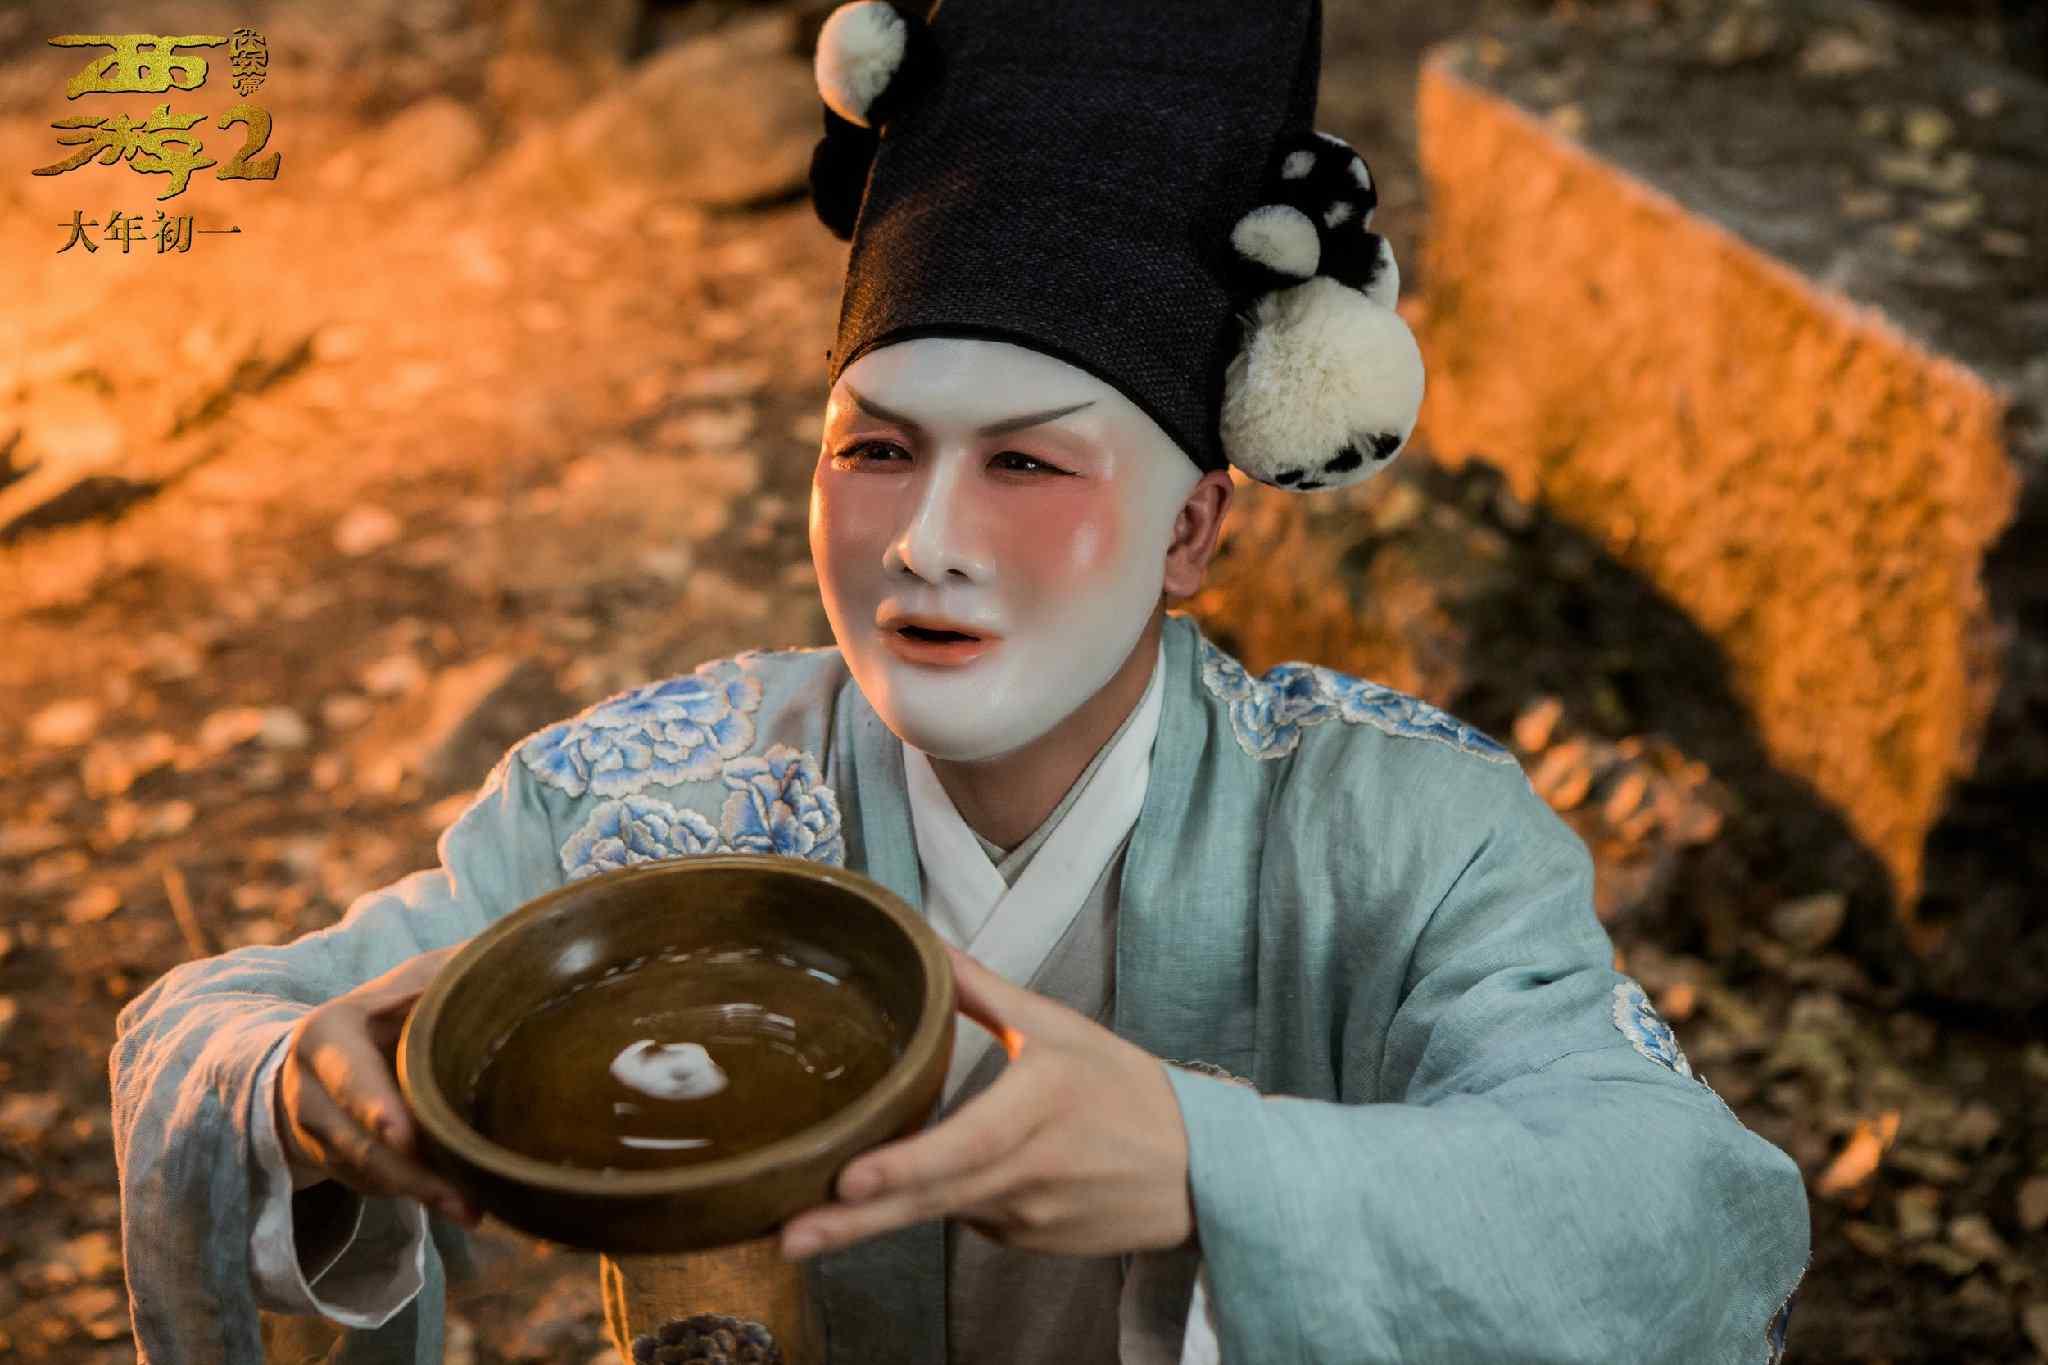 看电影1 - 宸浩 - zhangchenhao09的博客